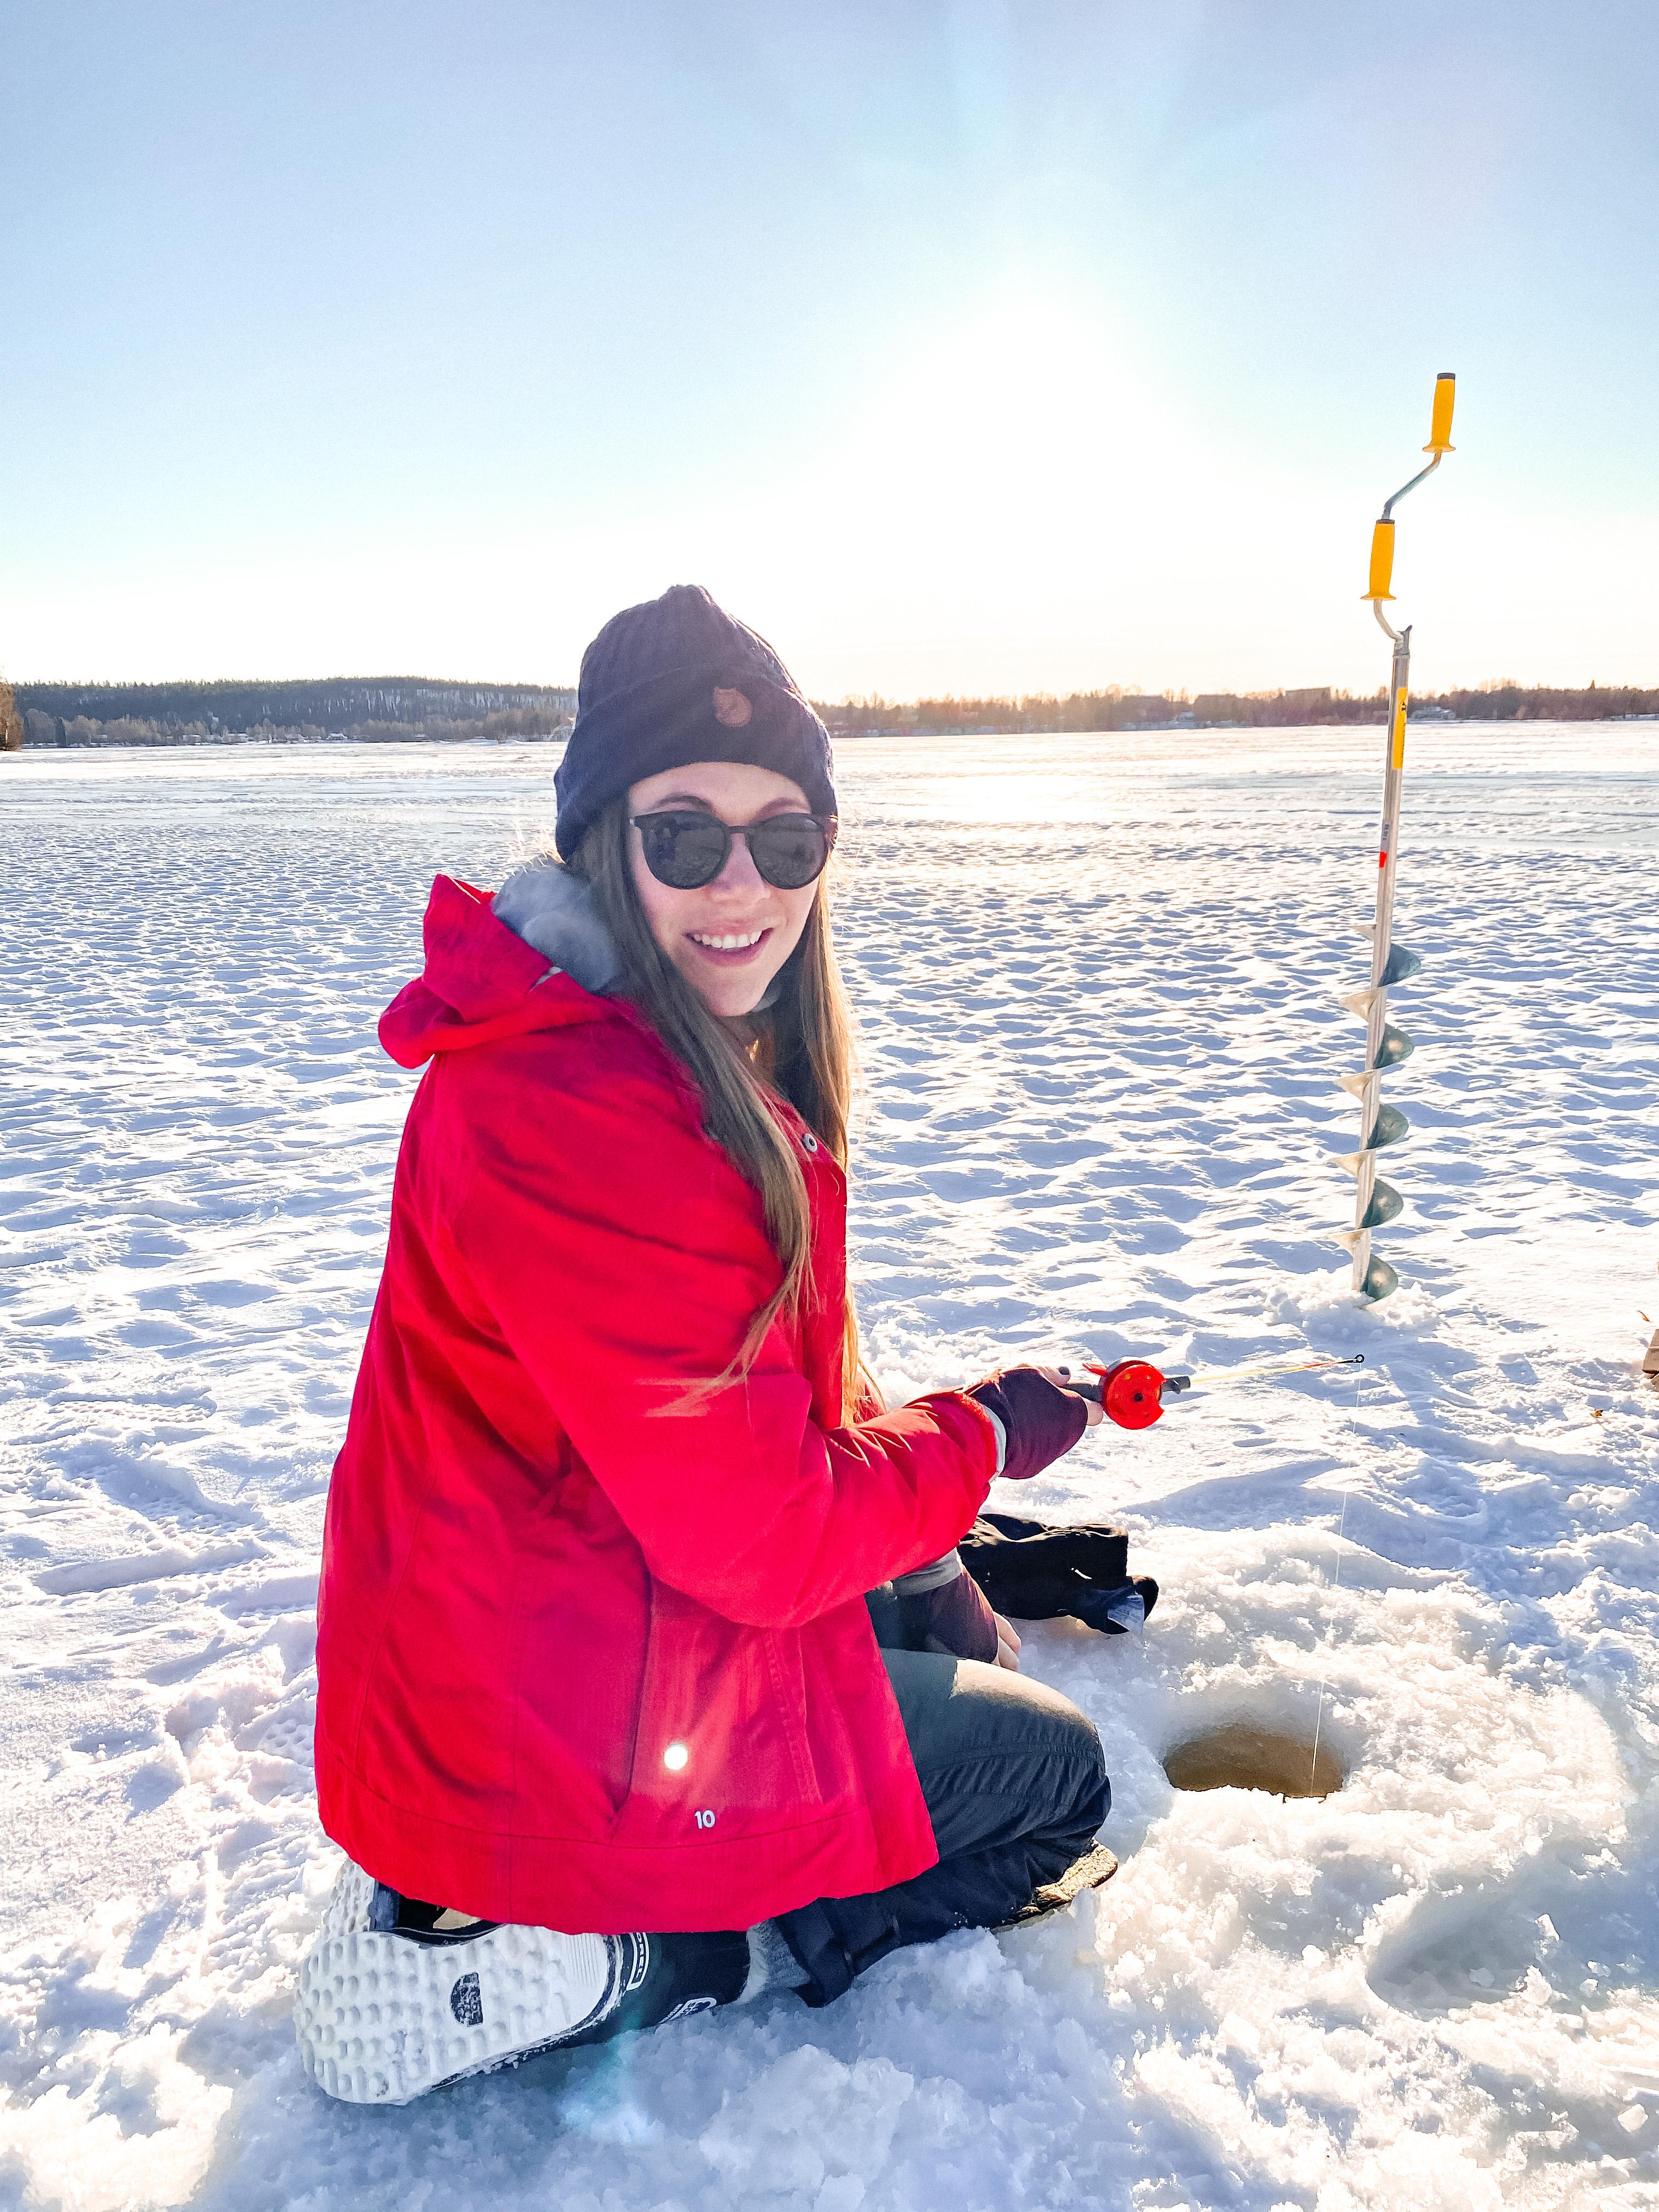 zimowe_atrakcje_ice_fishing_wycieczka_by_ostra_finka_asia_kocon_rovaniemi_laponia_finlandia_04.JPG